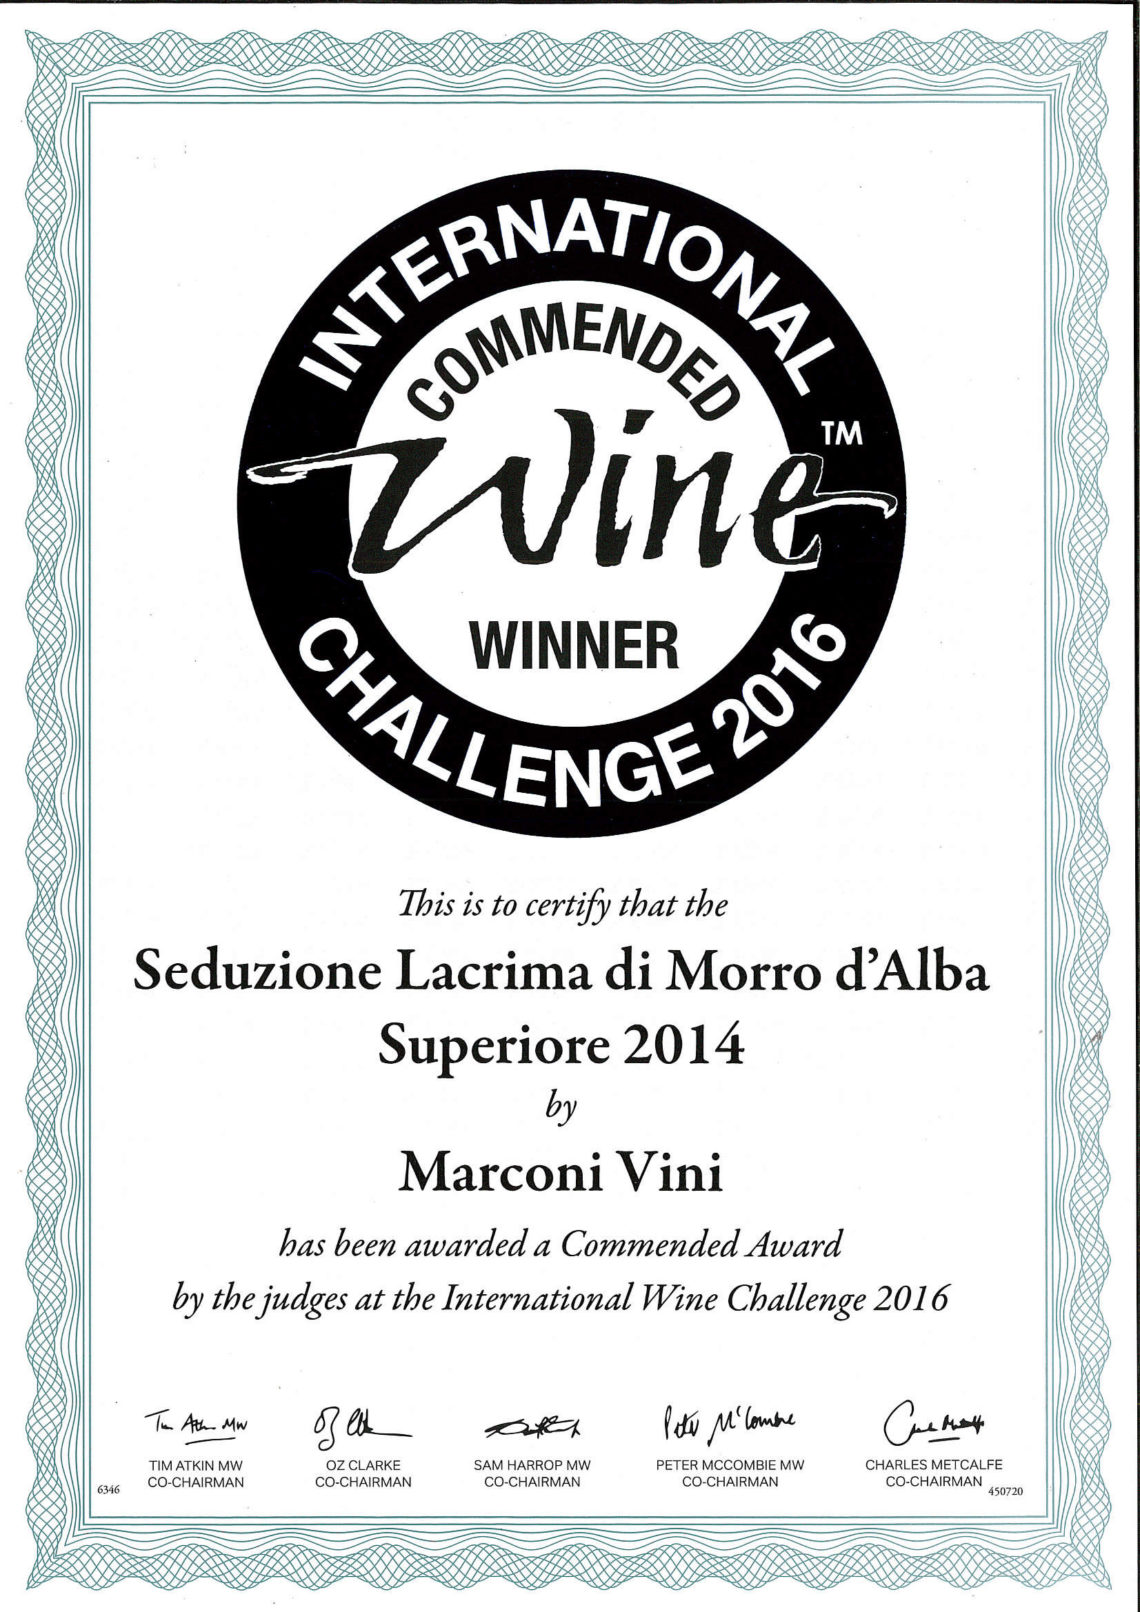 Marconi Vini - Lacrima di Morro D'Alba Superiore 2014 - Seduzione - Commended - International Challenge 2016